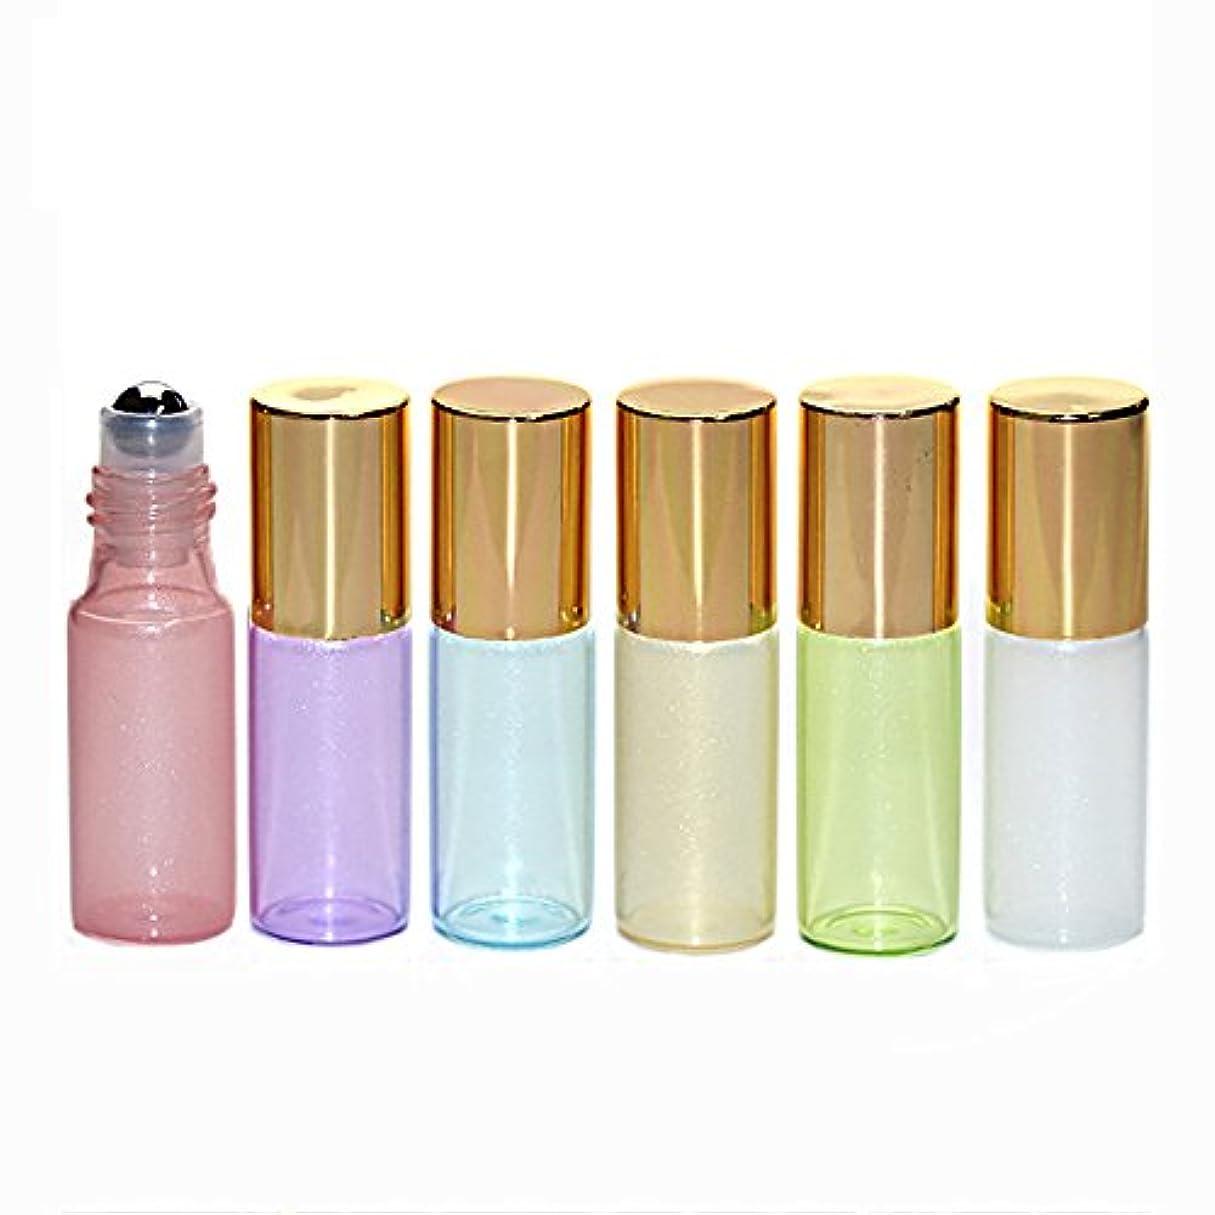 簡潔な正しく経過Pinkiou ロールオンボルト ガラス製  5ml 6個 遮光スプレー  6色セット